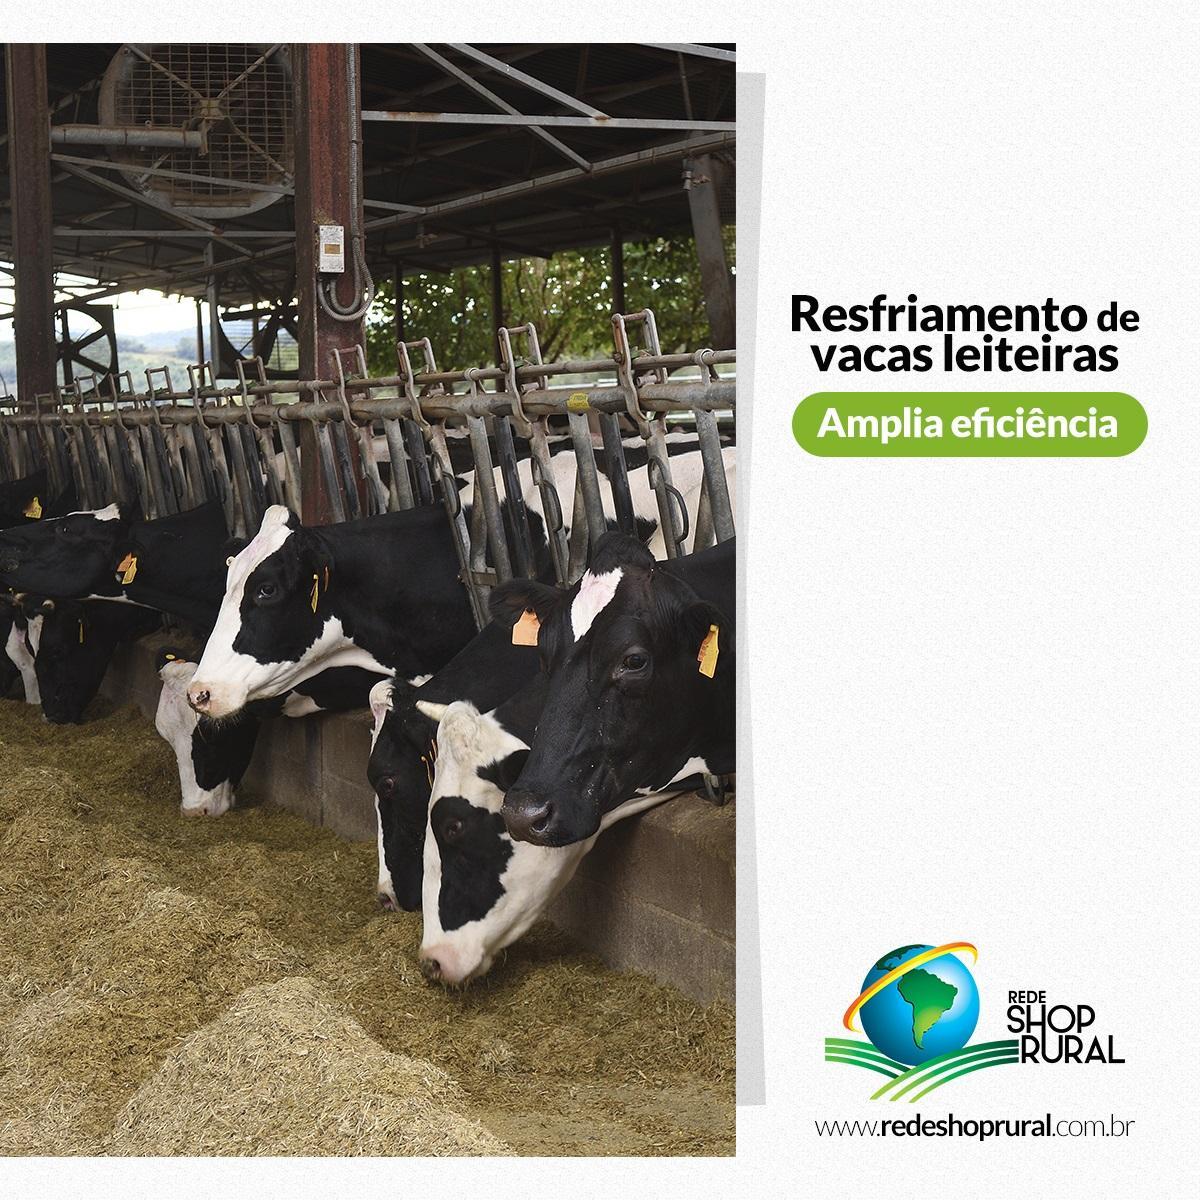 Resfriamento de vacas leiteiras amplia eficiência